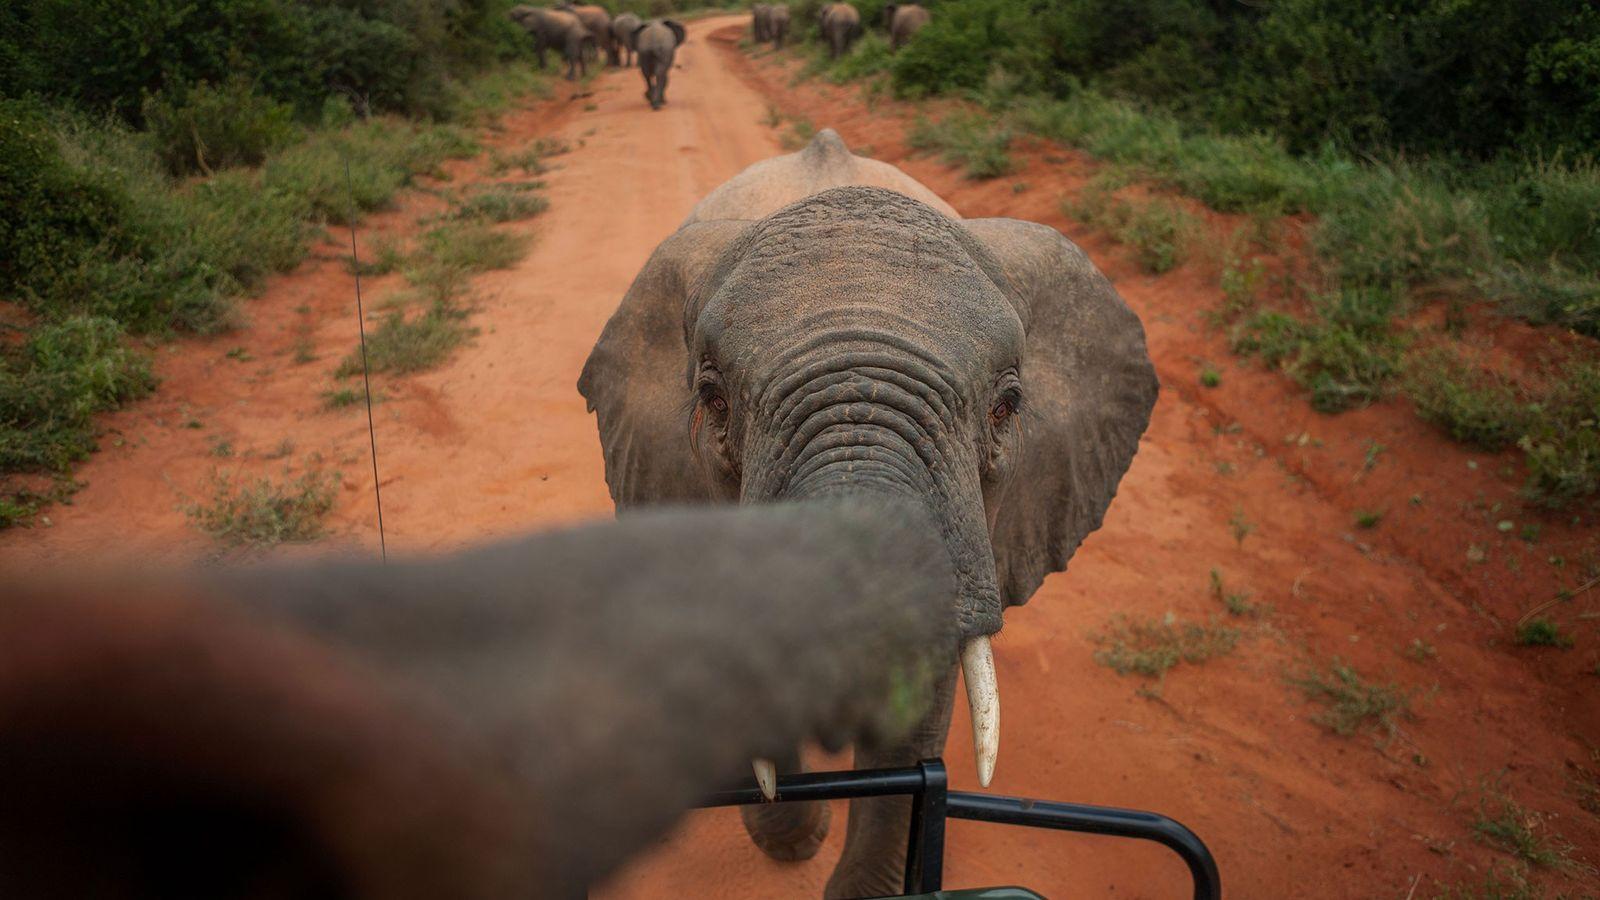 Wendi, uma elefante órfã, se aproxima do carro do fotógrafo no Parque Nacional de Tsavo East, ...